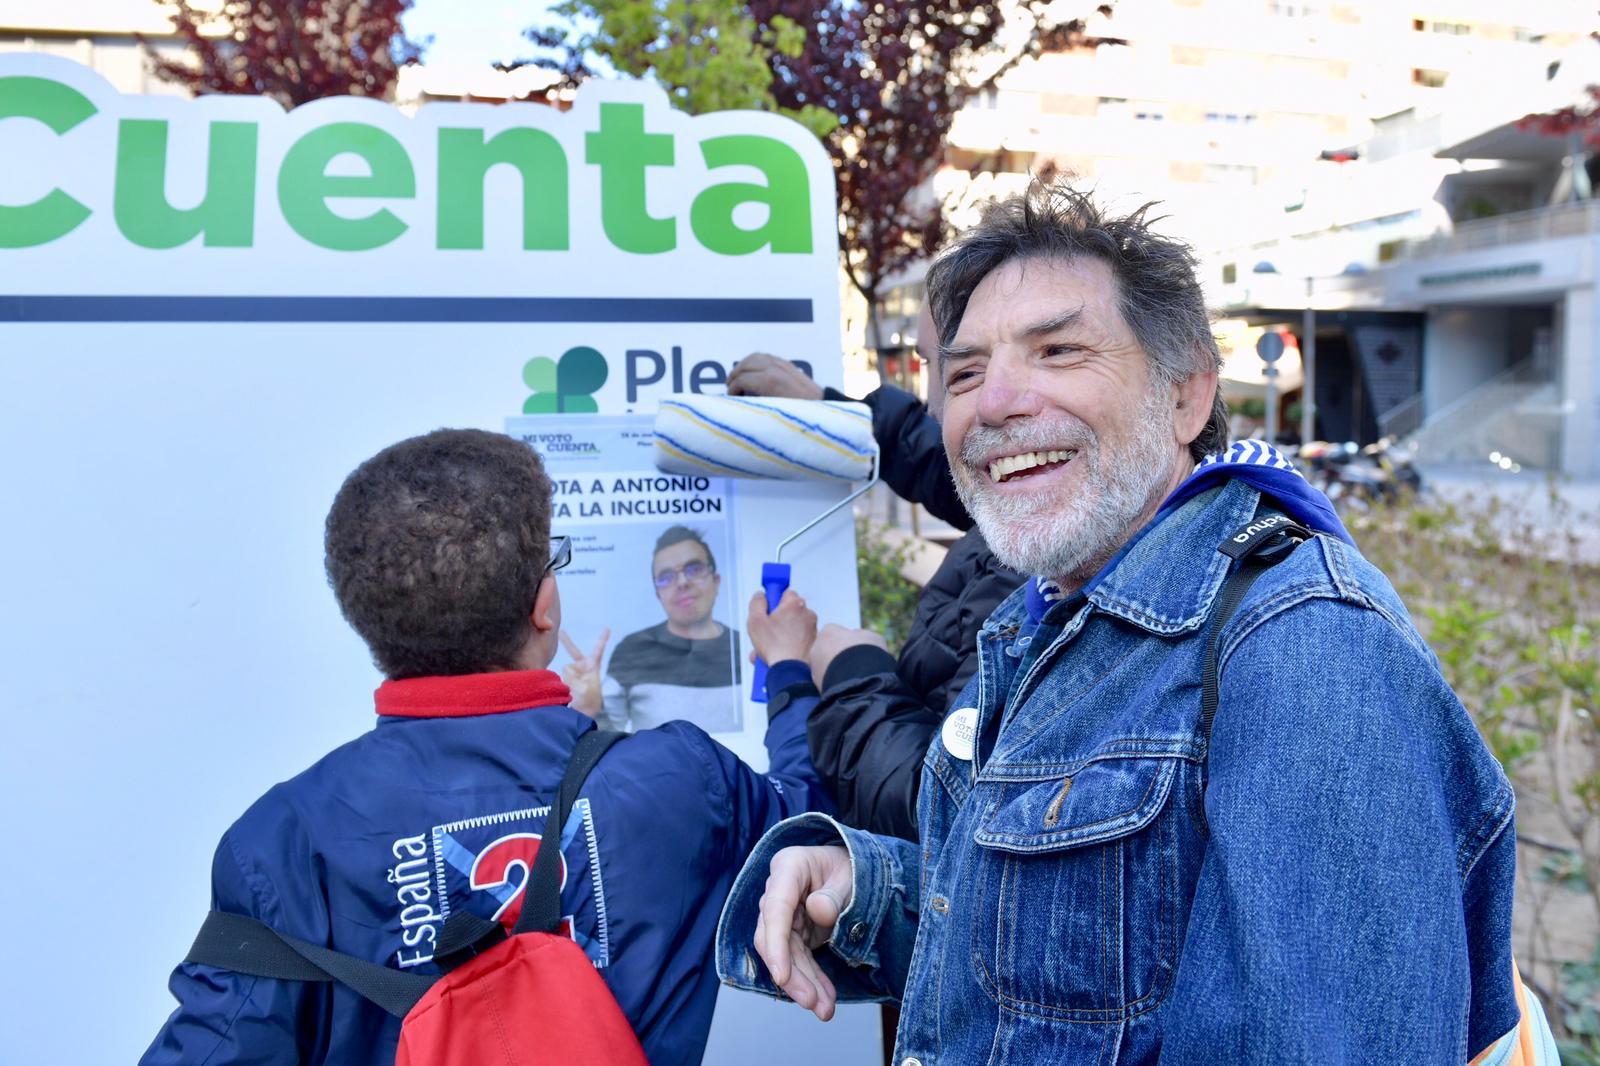 un hombre sonríe en la pegada de carteles